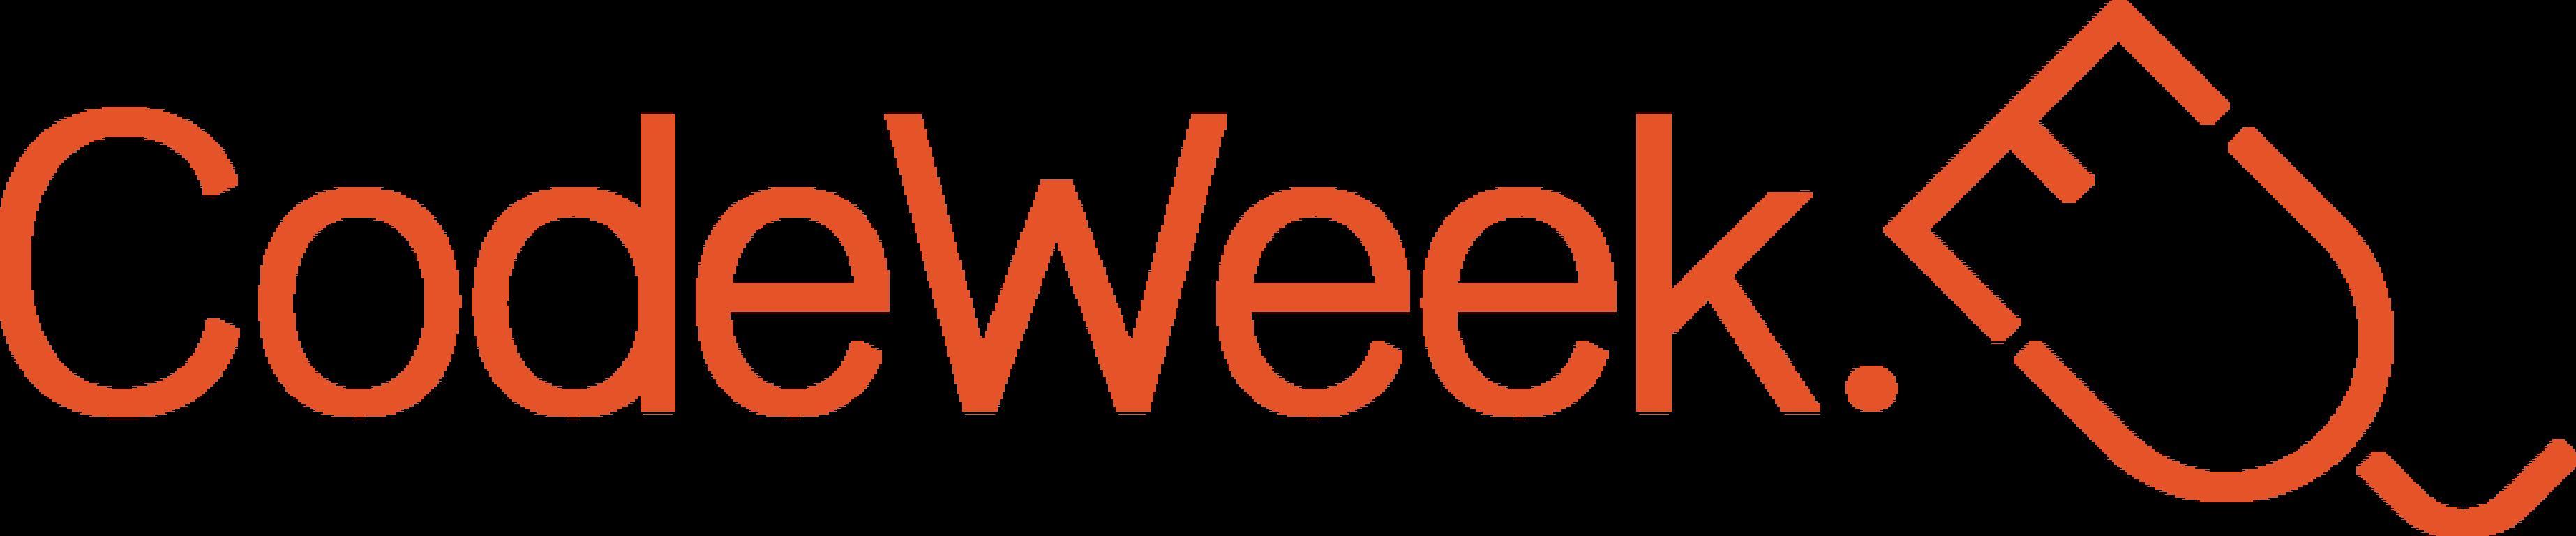 logo_tygodnia_kodowania_2019_pomaraΣczowe.png